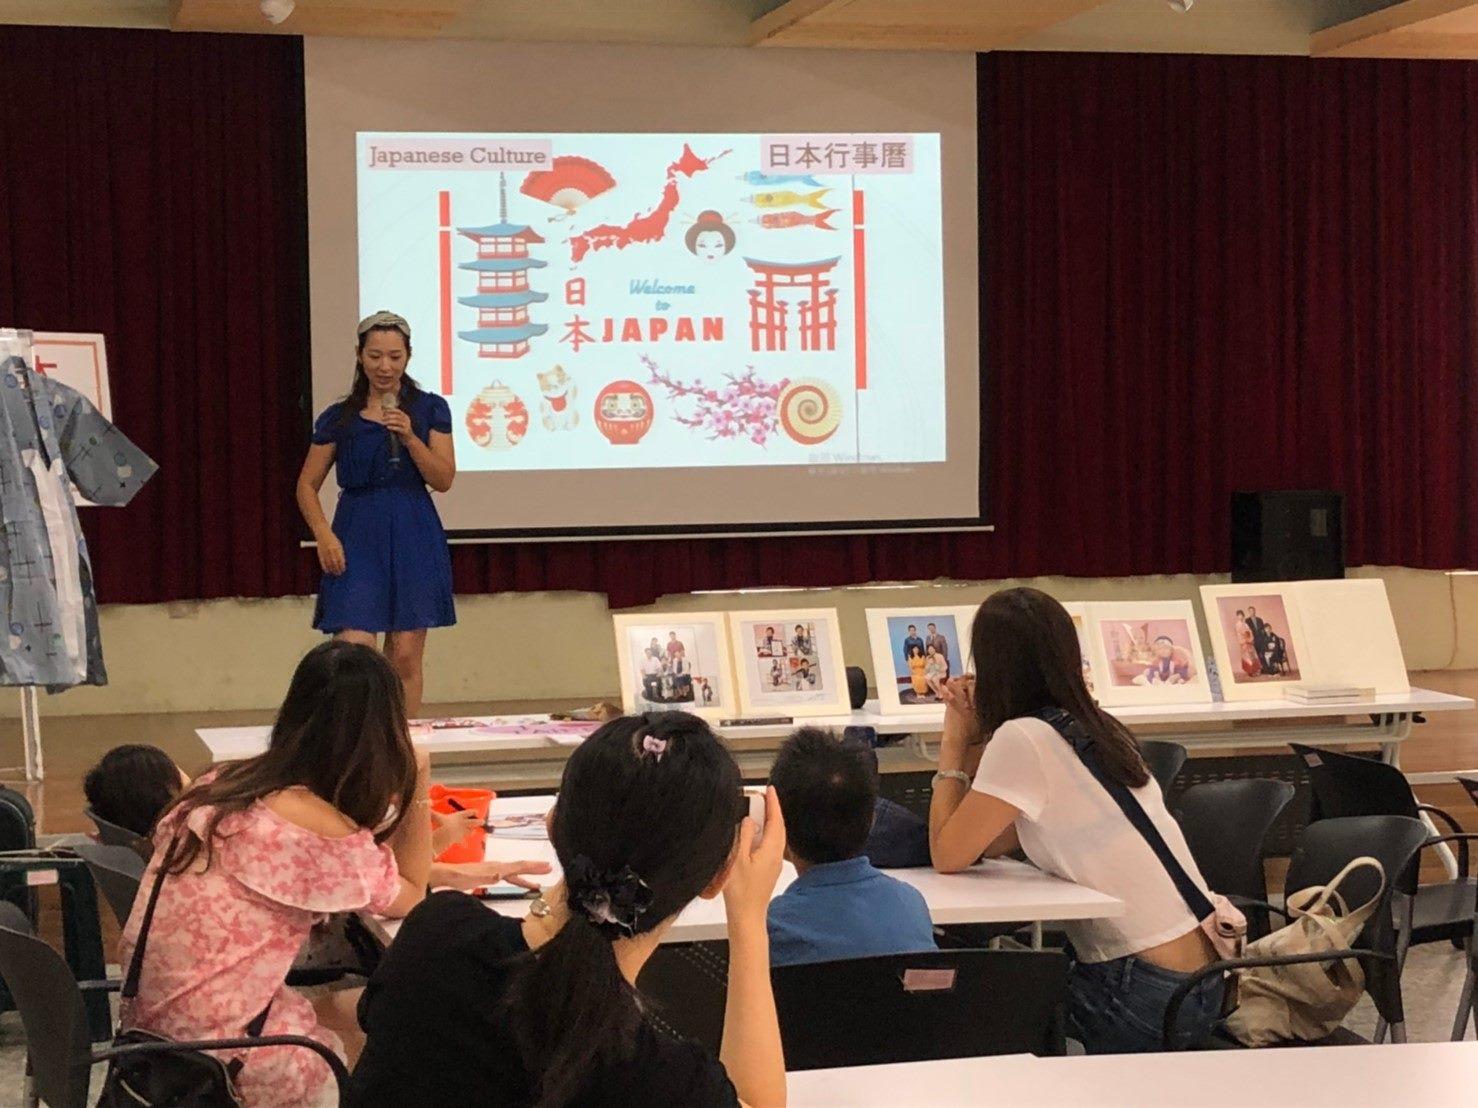 老師分享日本文化行事曆